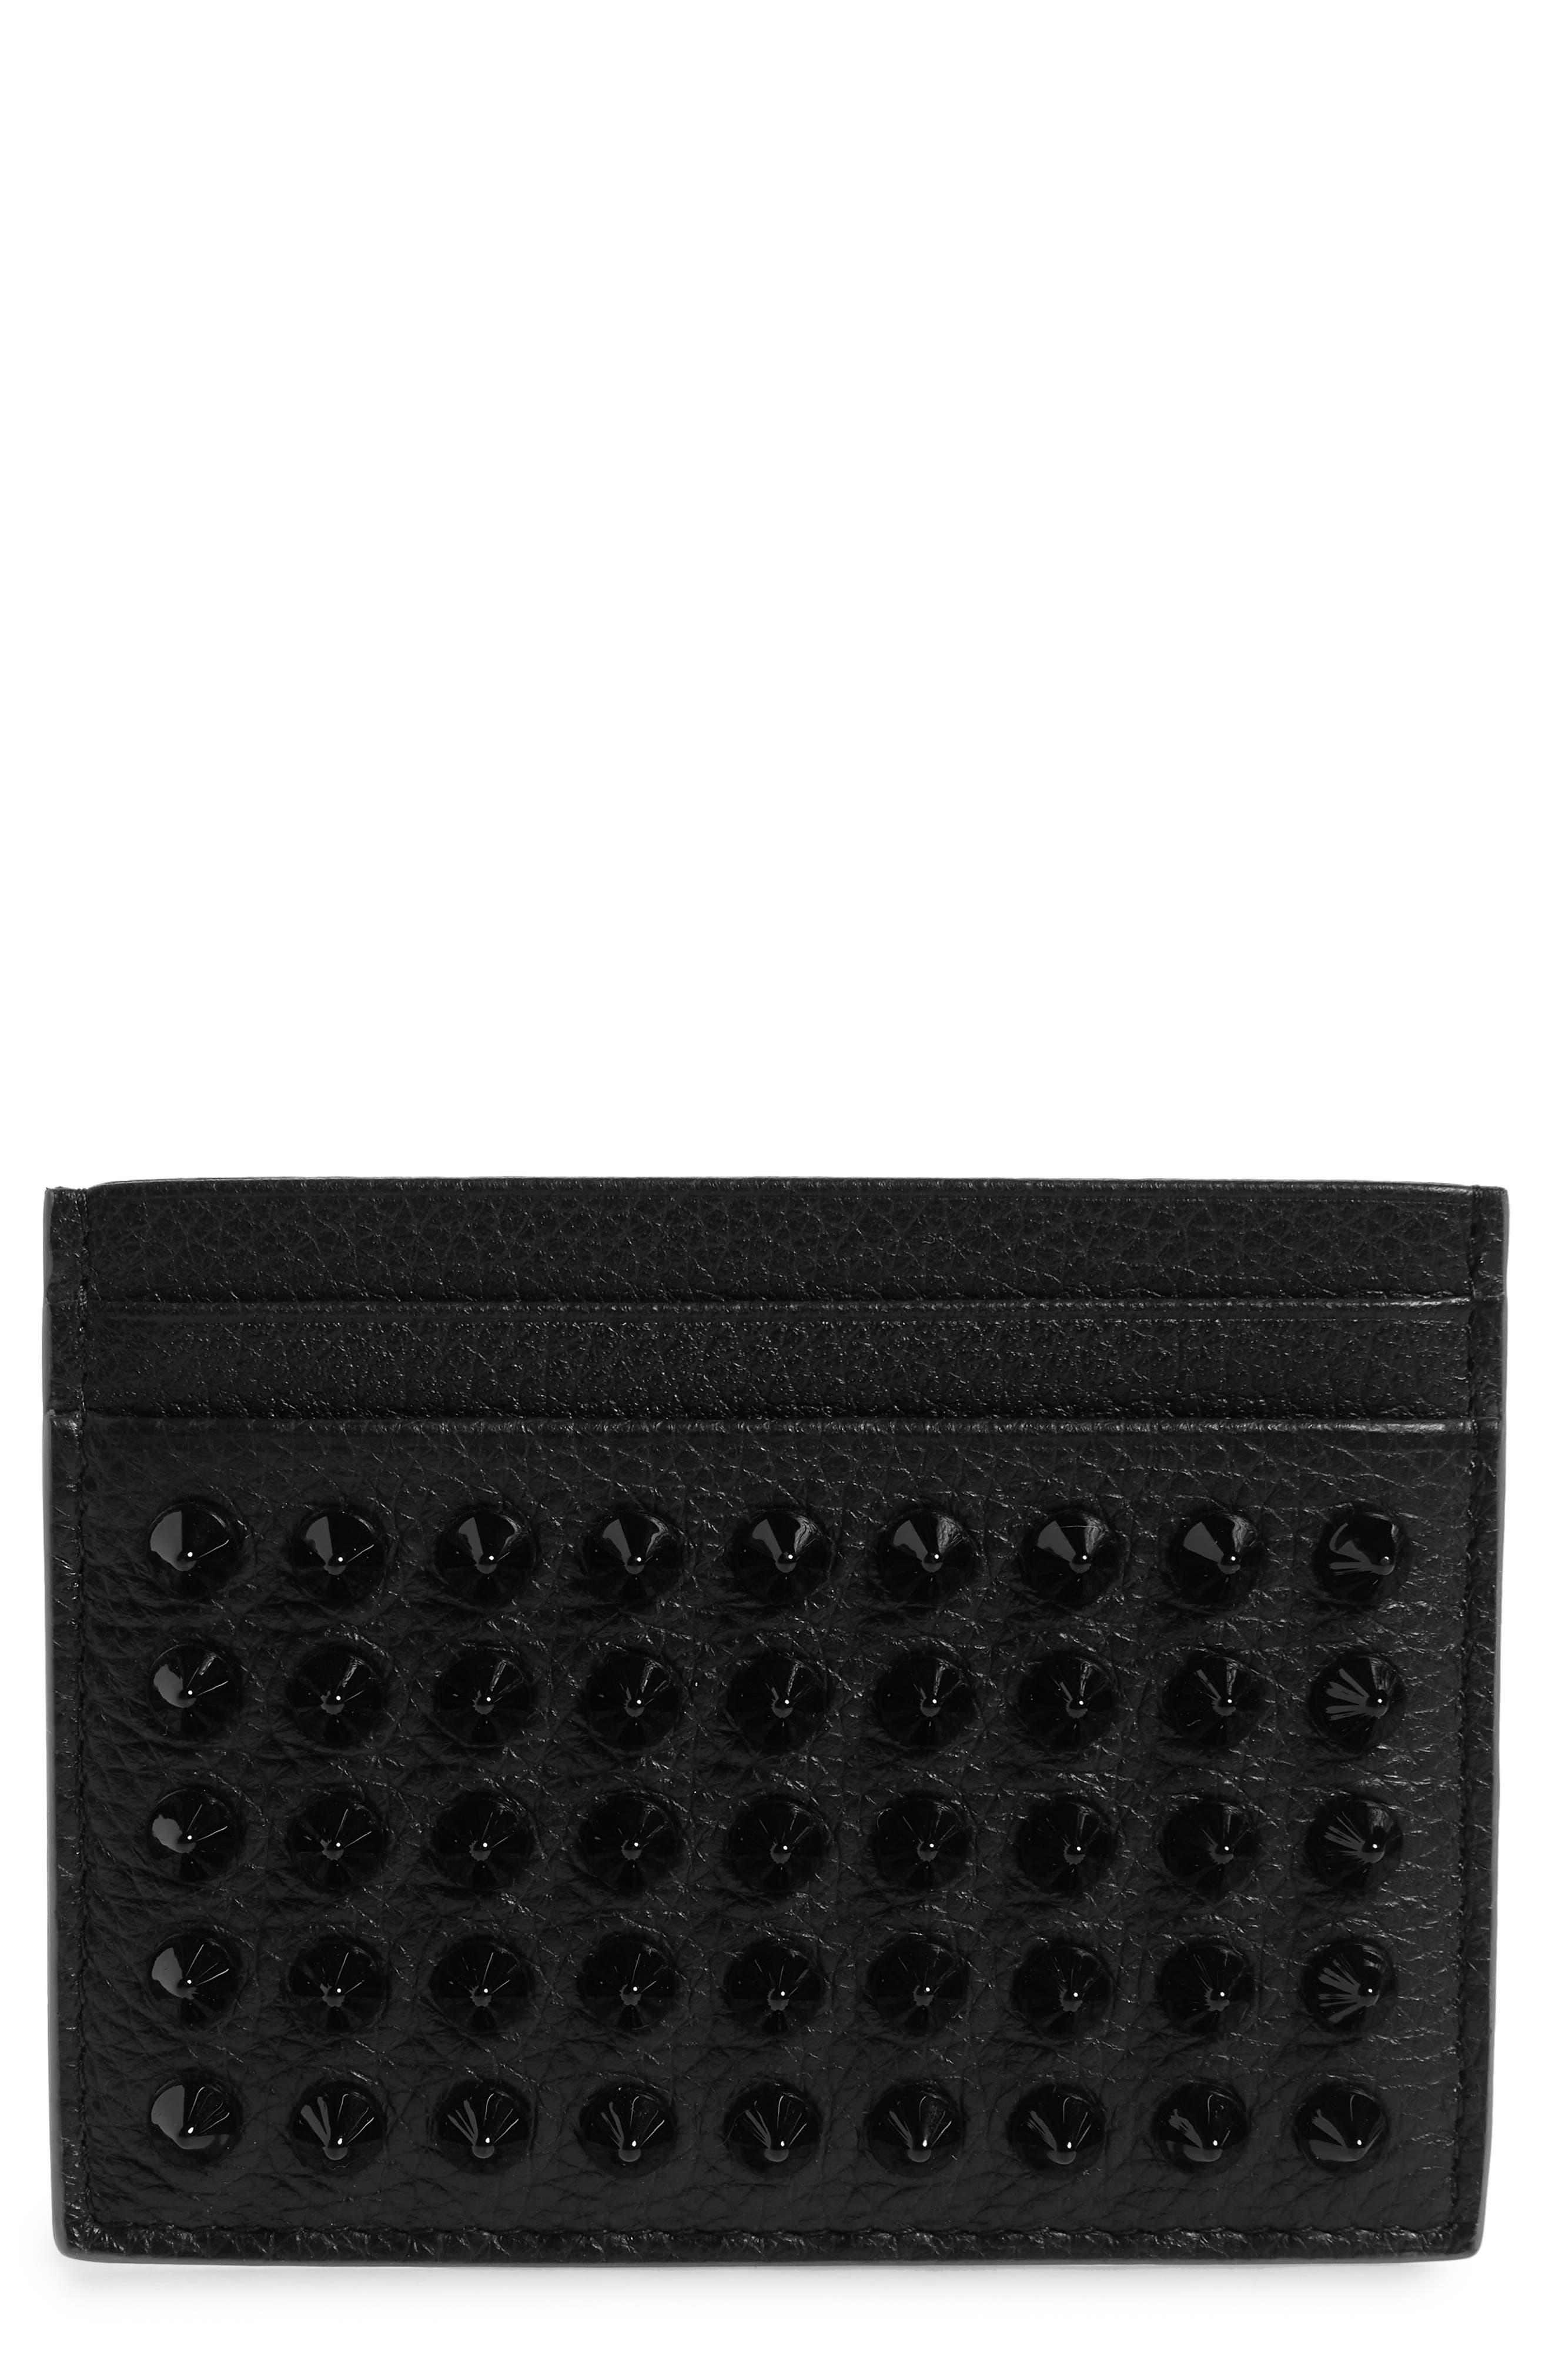 Christian Louboutin Kios Spikes Calfskin Leather Card Case - Black